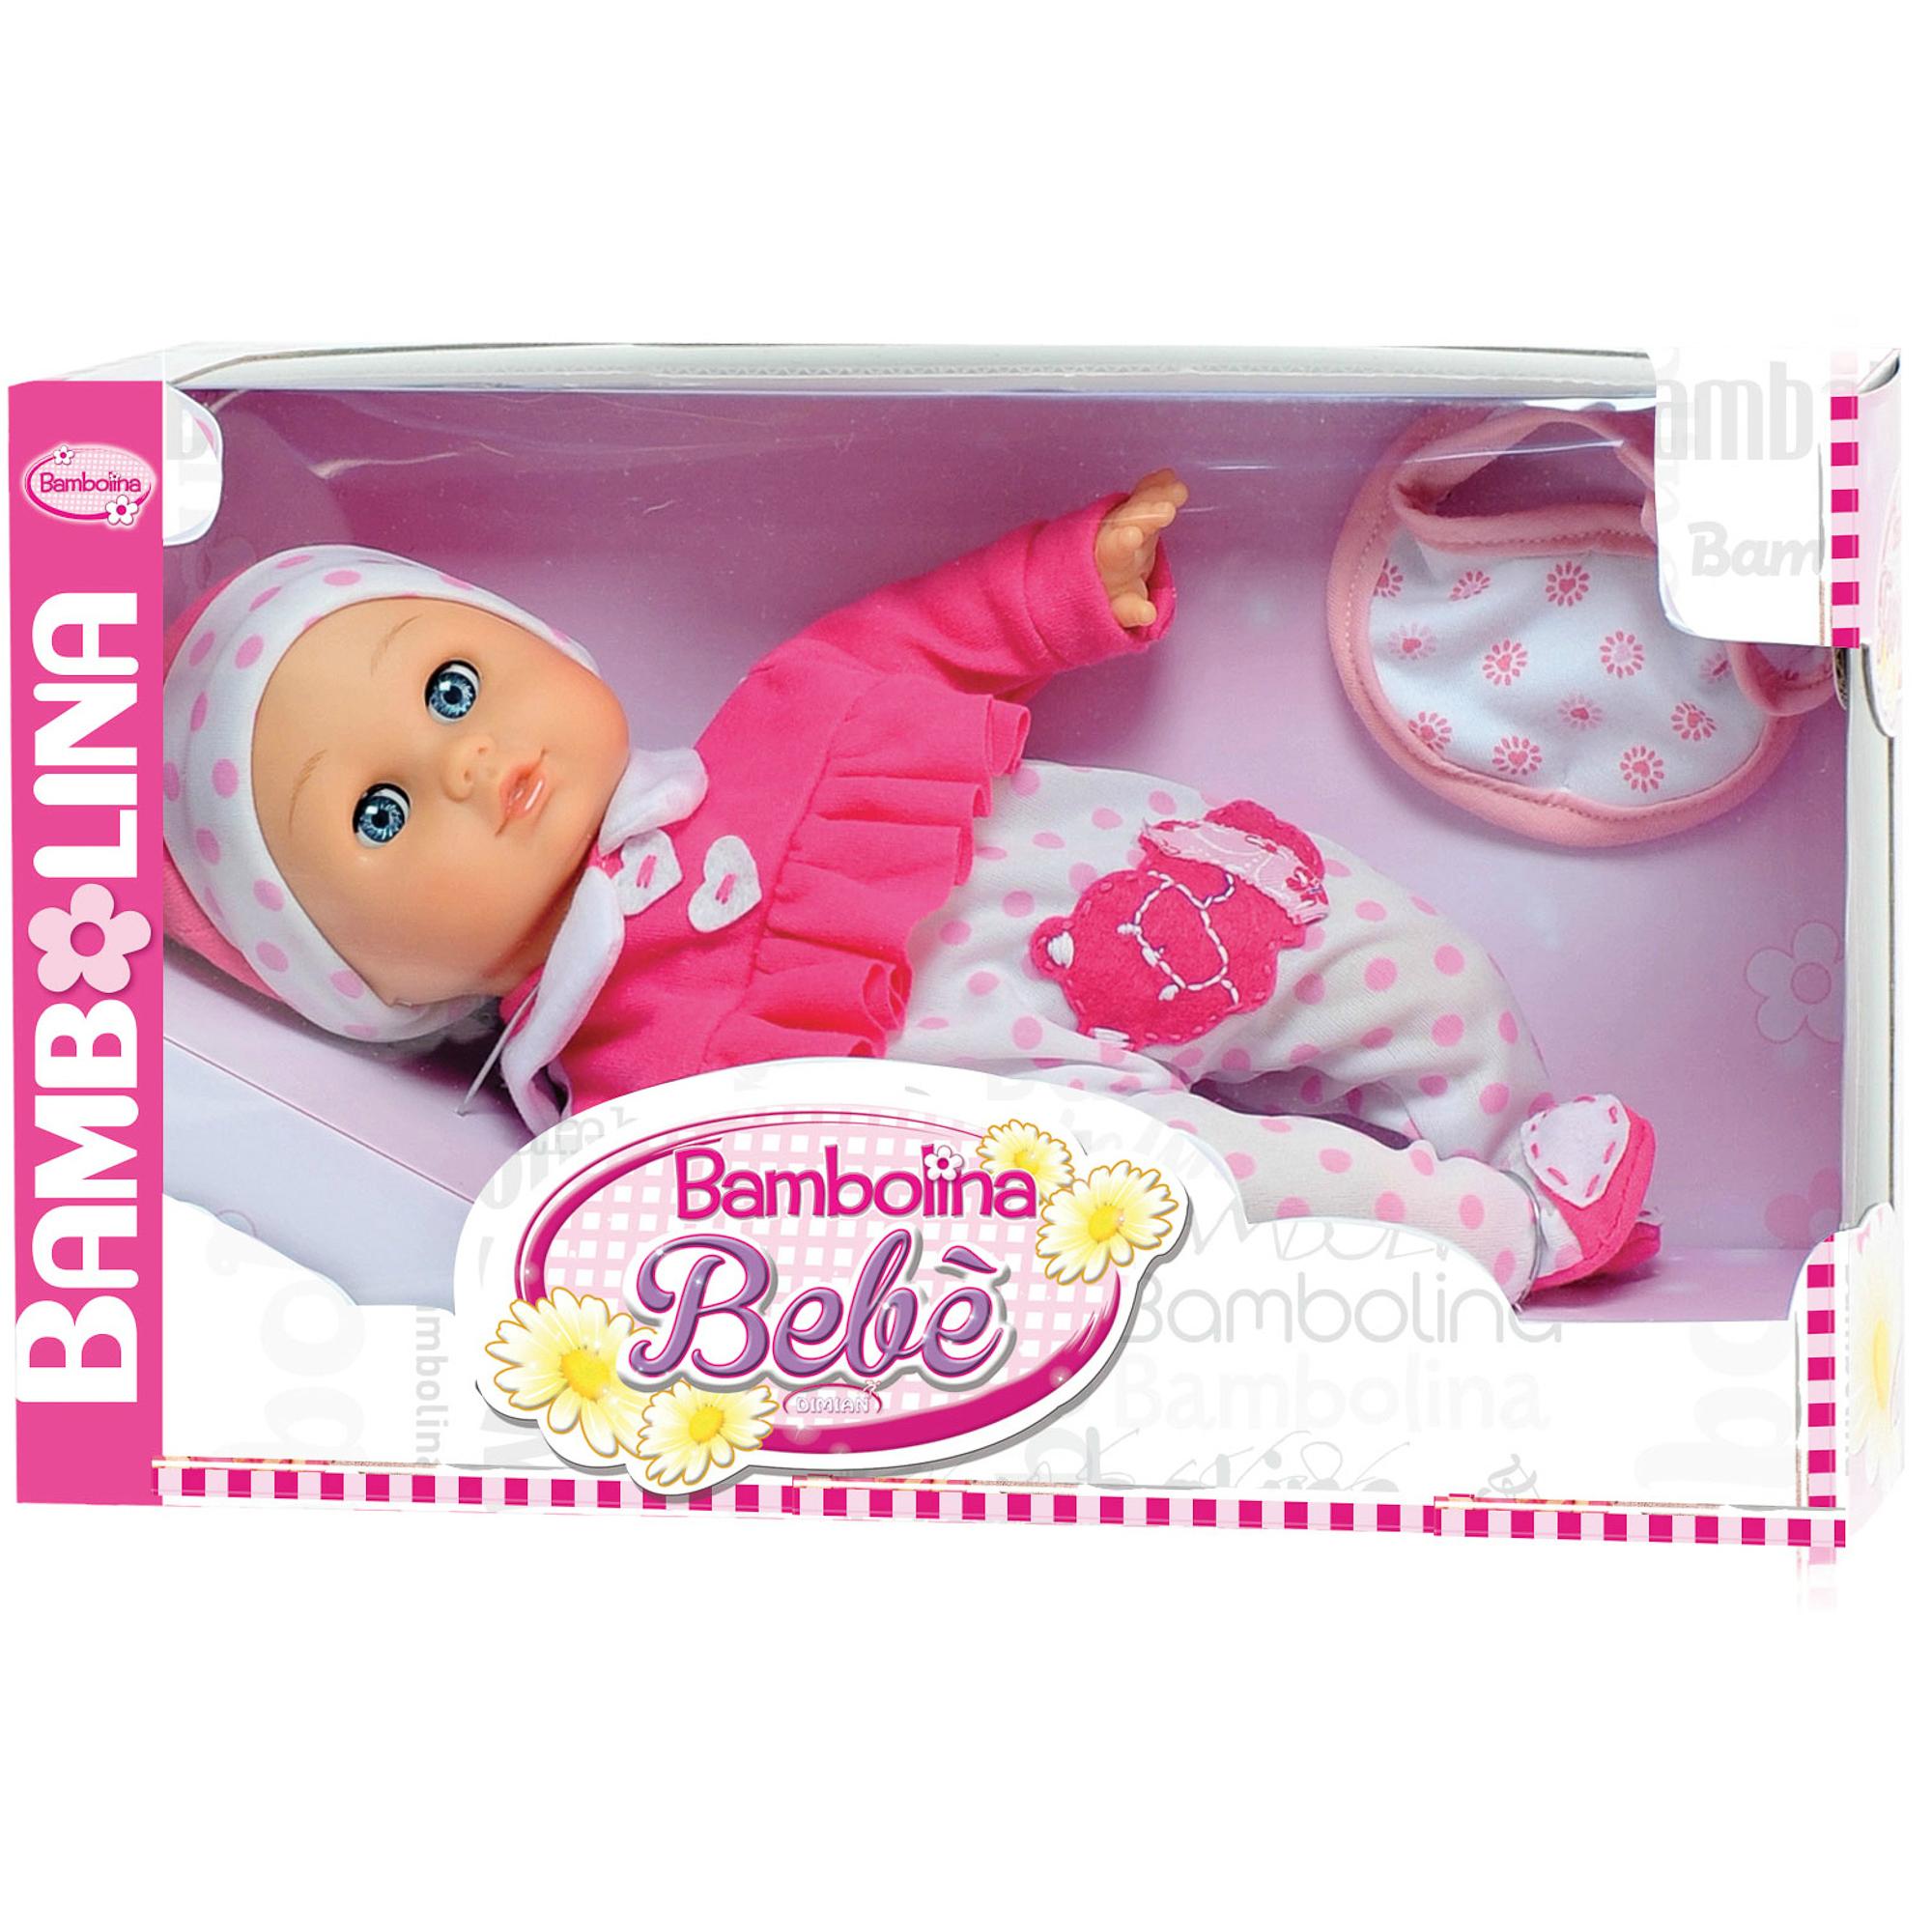 Фото - Пупс интерактивный 34см Bambolina bebe BD348RU интерактивный пупс baby doll